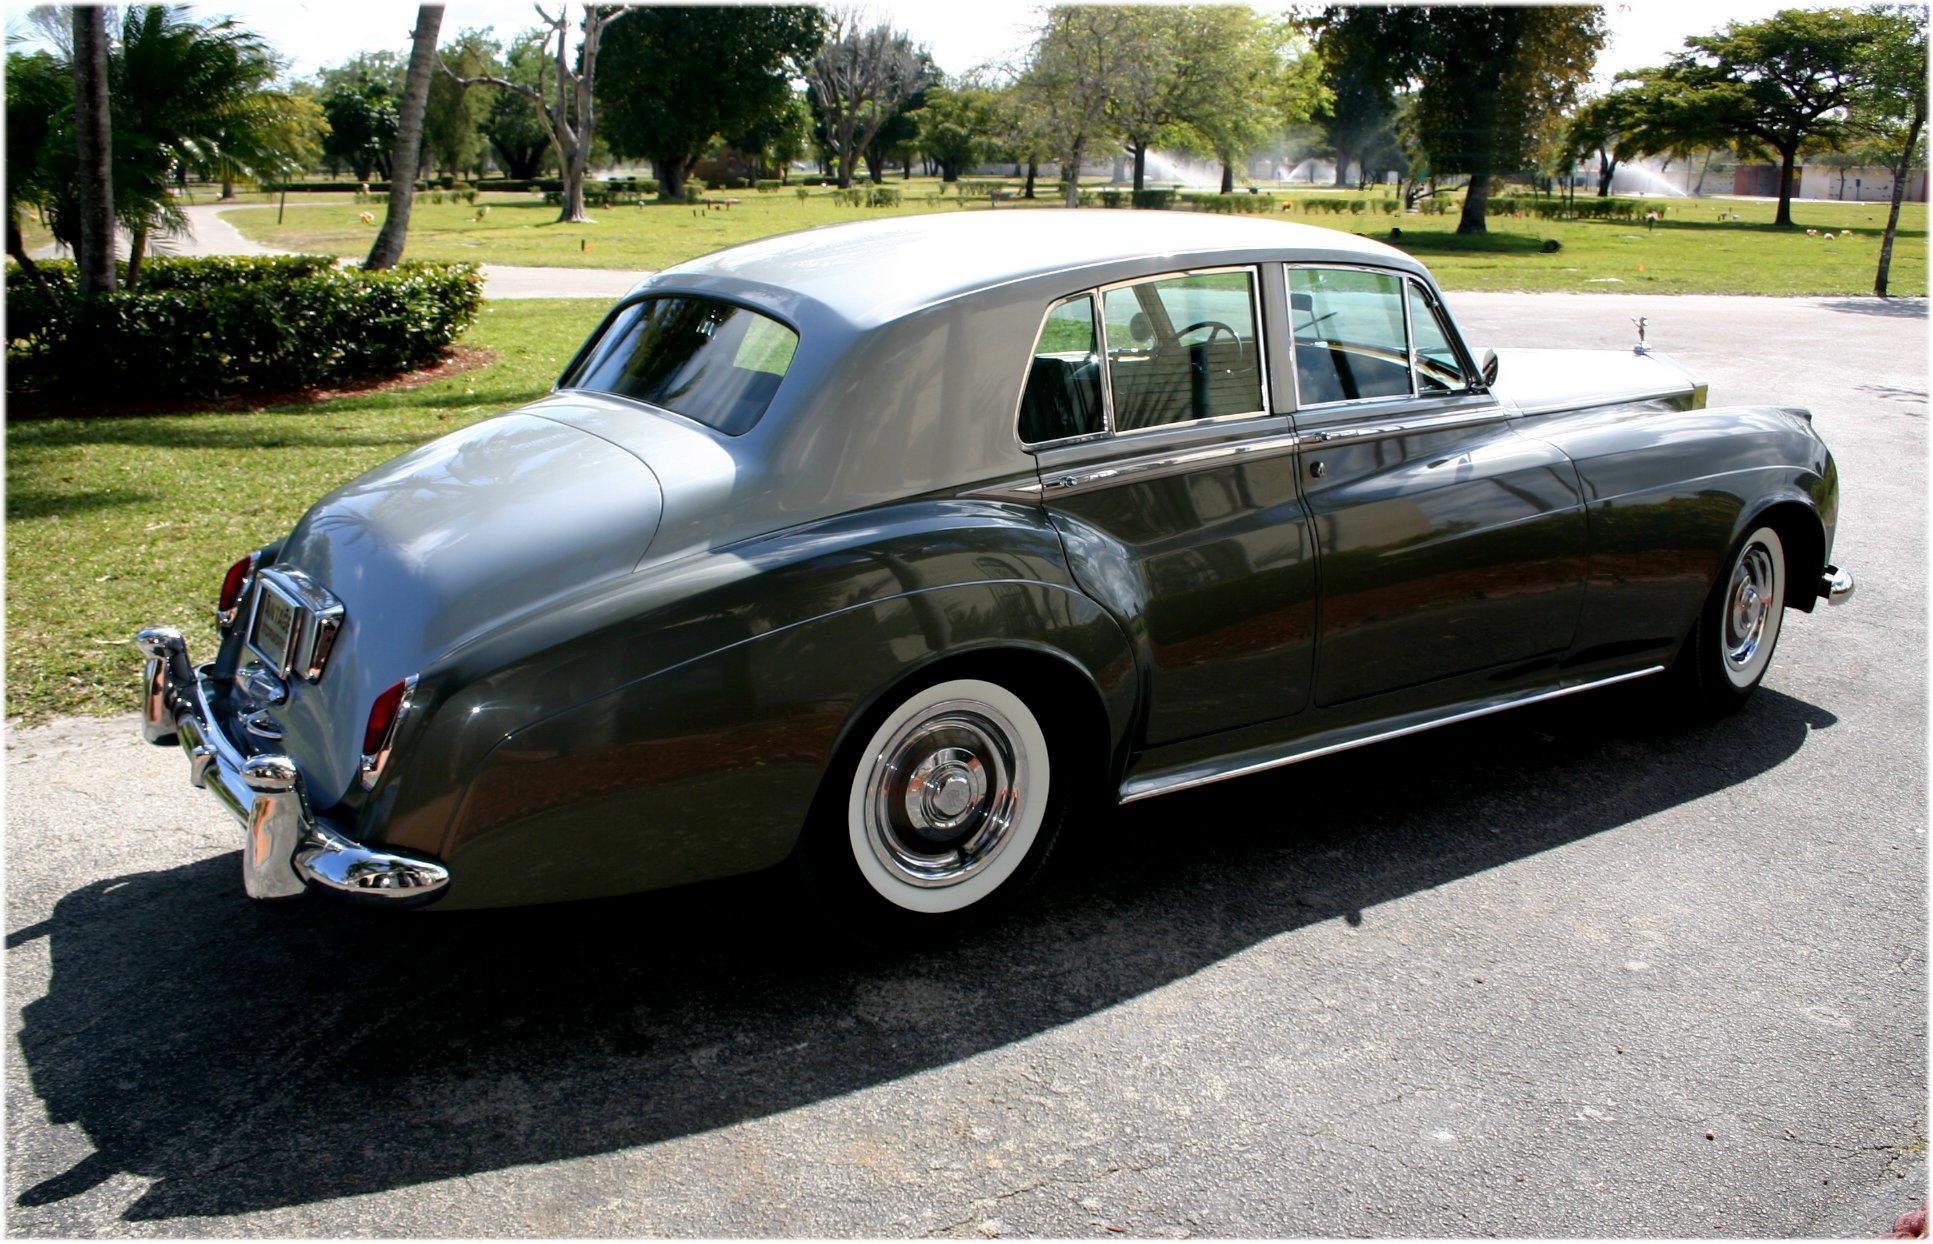 1962 ROLLS-ROYCE SILVER CLOUD II STANDARD SEDAN #LSZD165 – 35,490 MILES #9